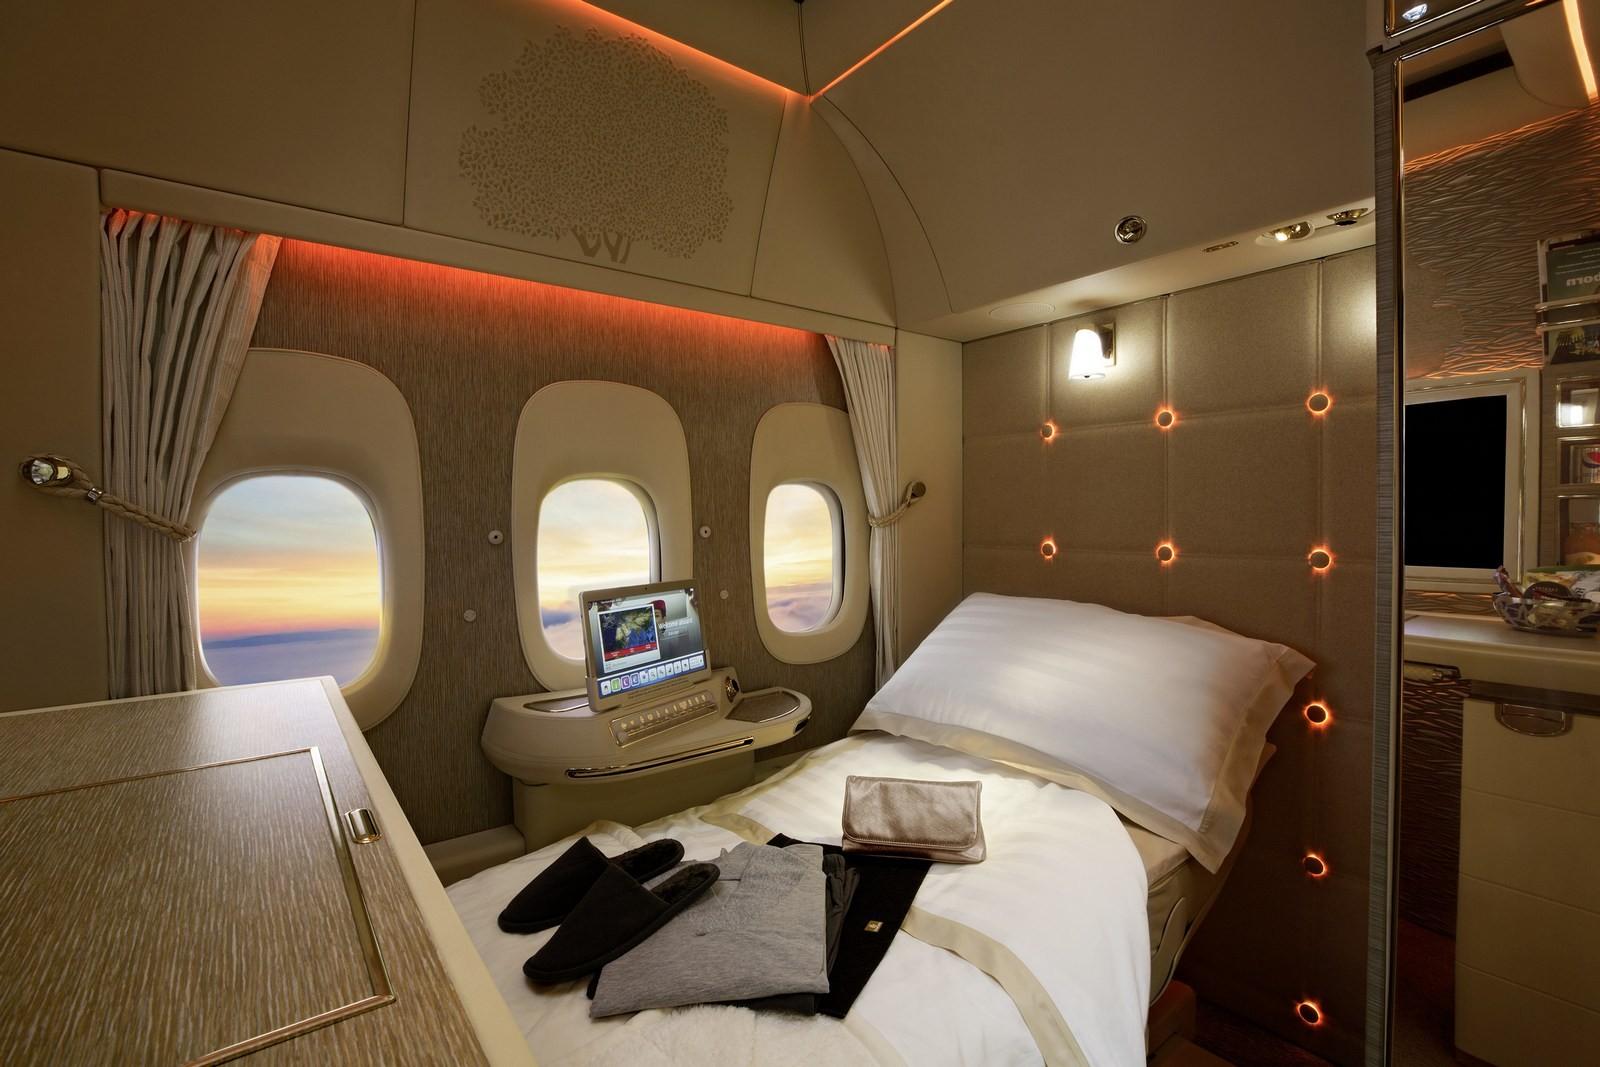 Джереми Кларксон снялся врекламе самолета, разработанного дизайнерами Мерседес Бенс